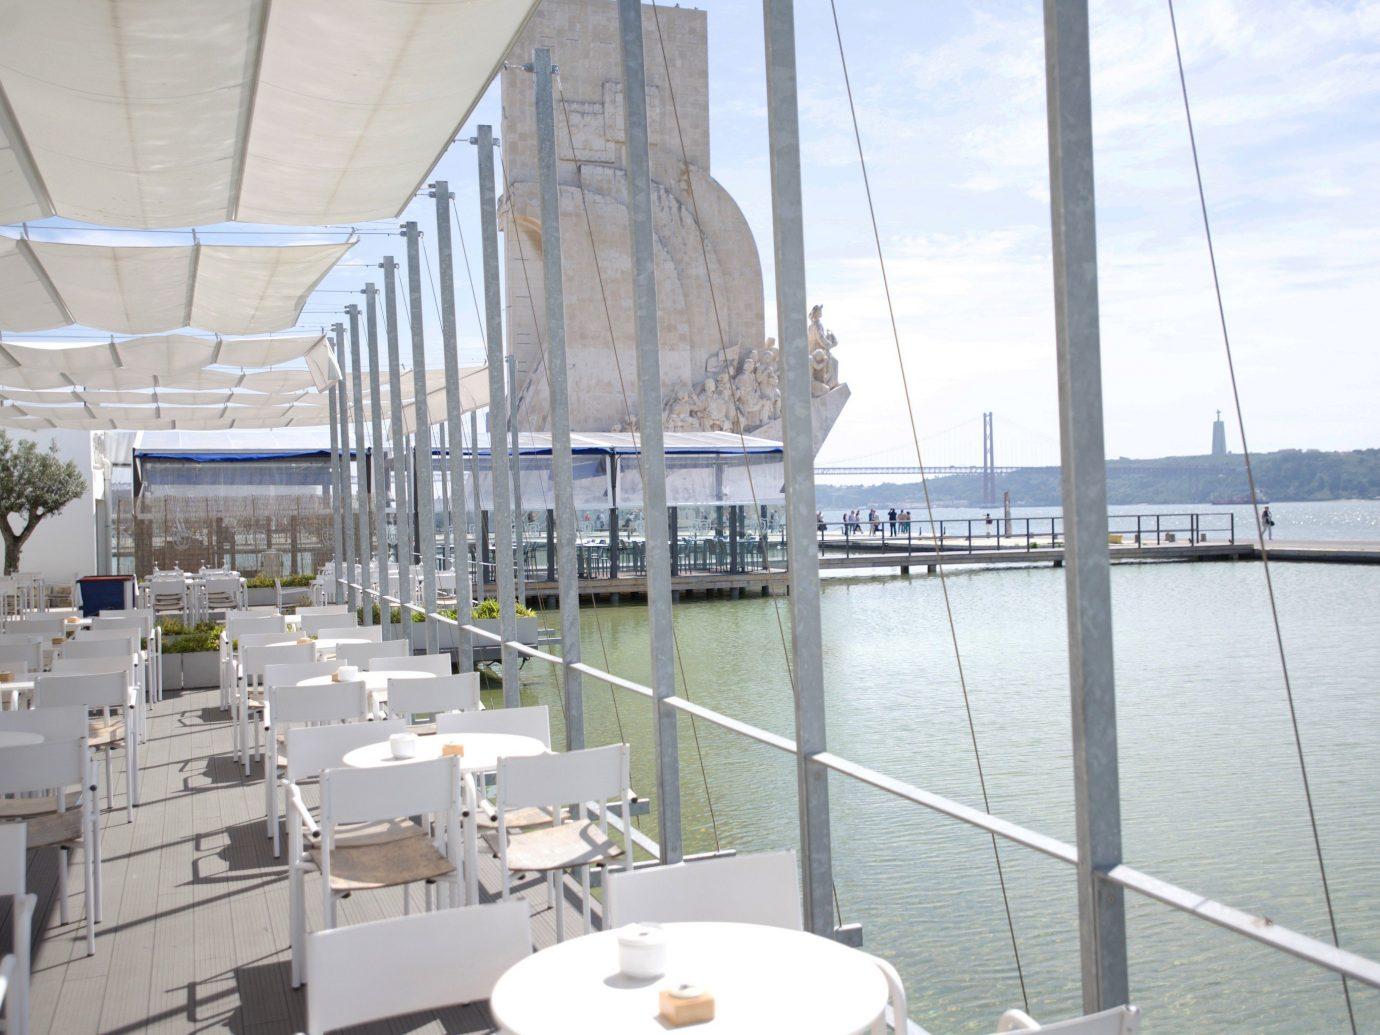 Trip Ideas vehicle dock marina yacht Boat mast